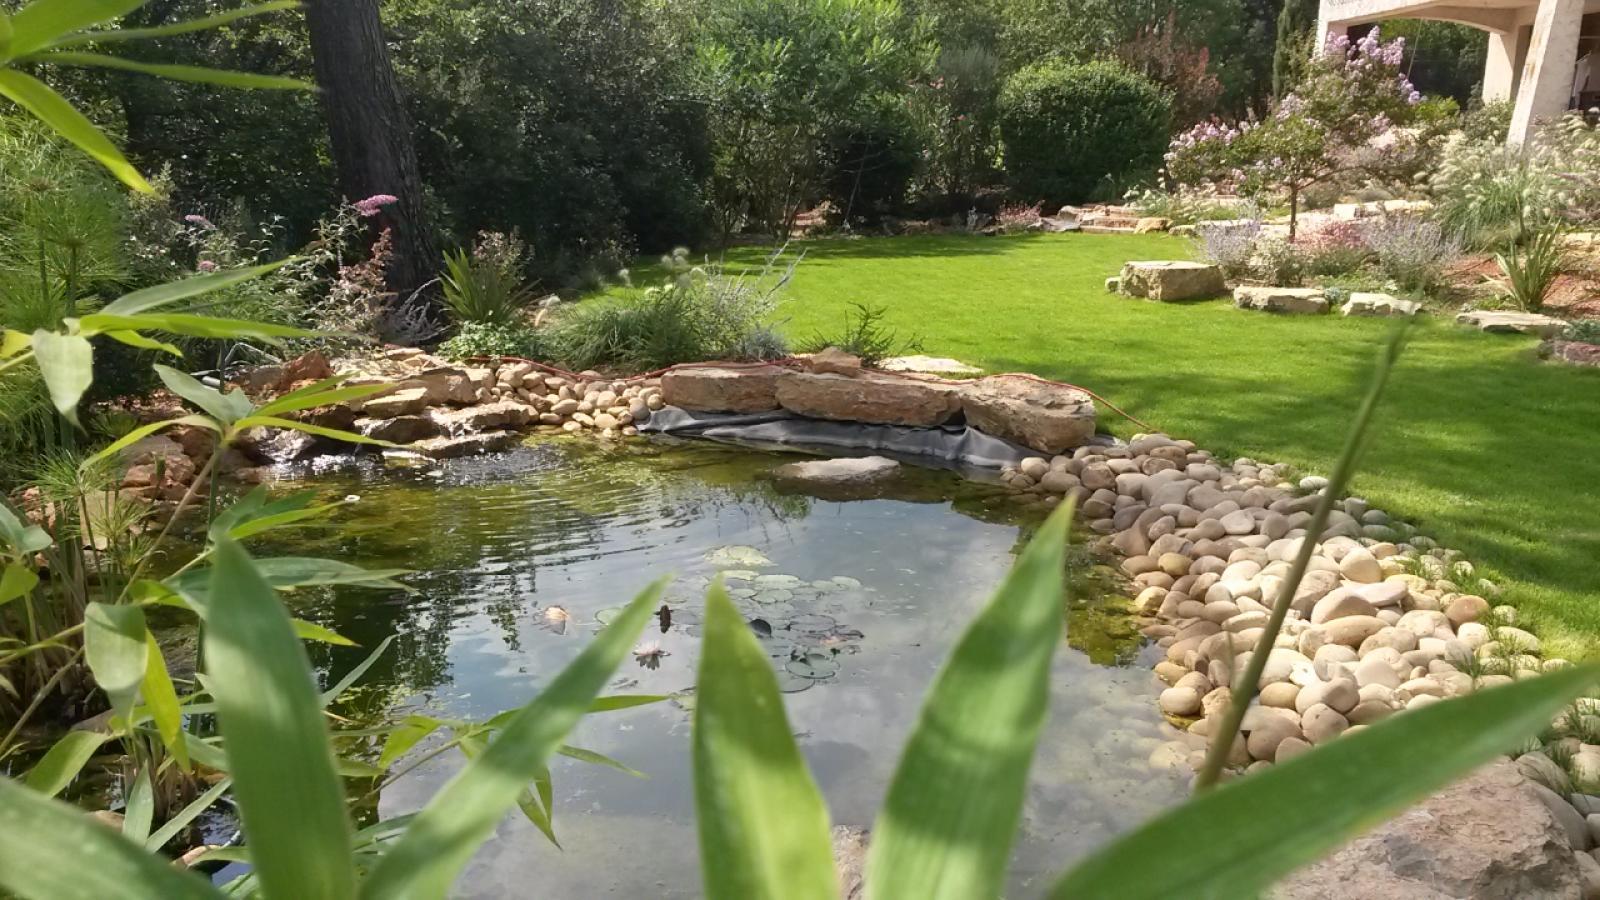 L'eau : création de bassins et installation d'arrosage automatique